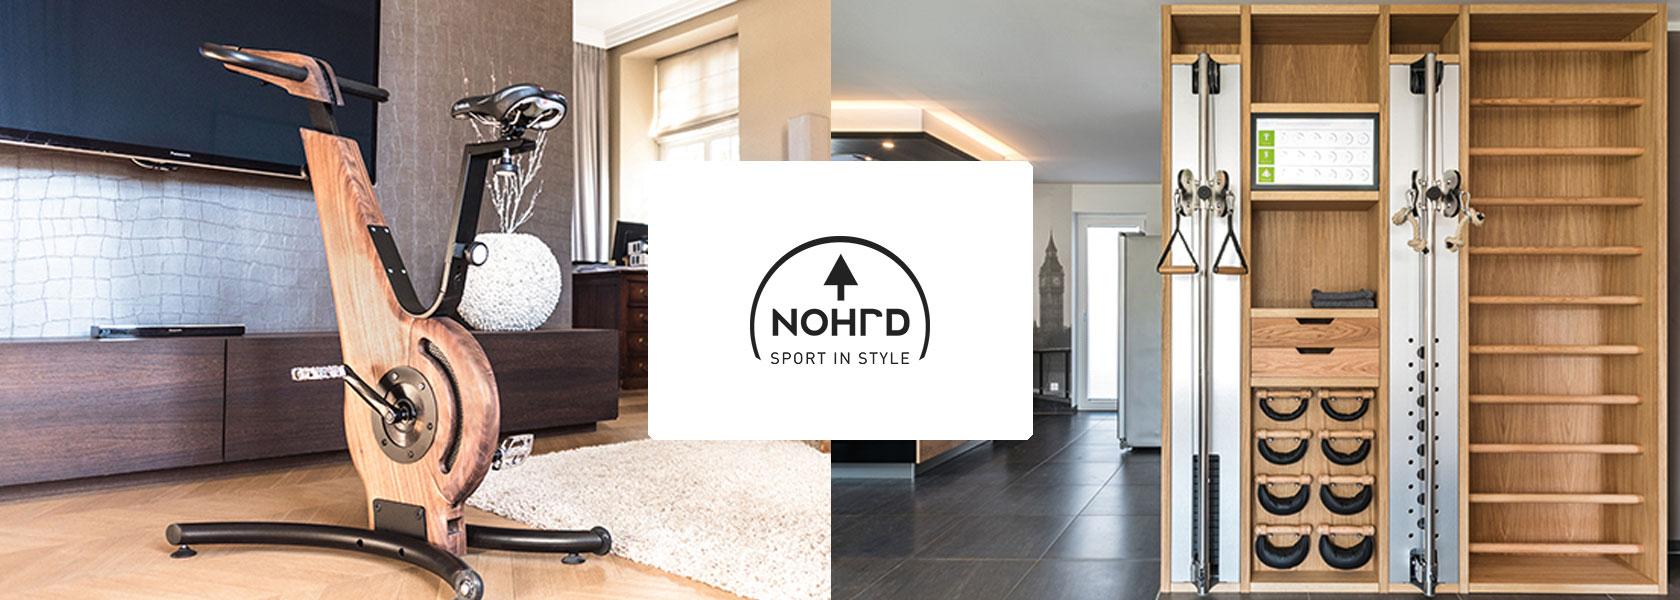 NOHrD-fitness-oprema-za-vile-i-hotele-s-5-zvjezdica